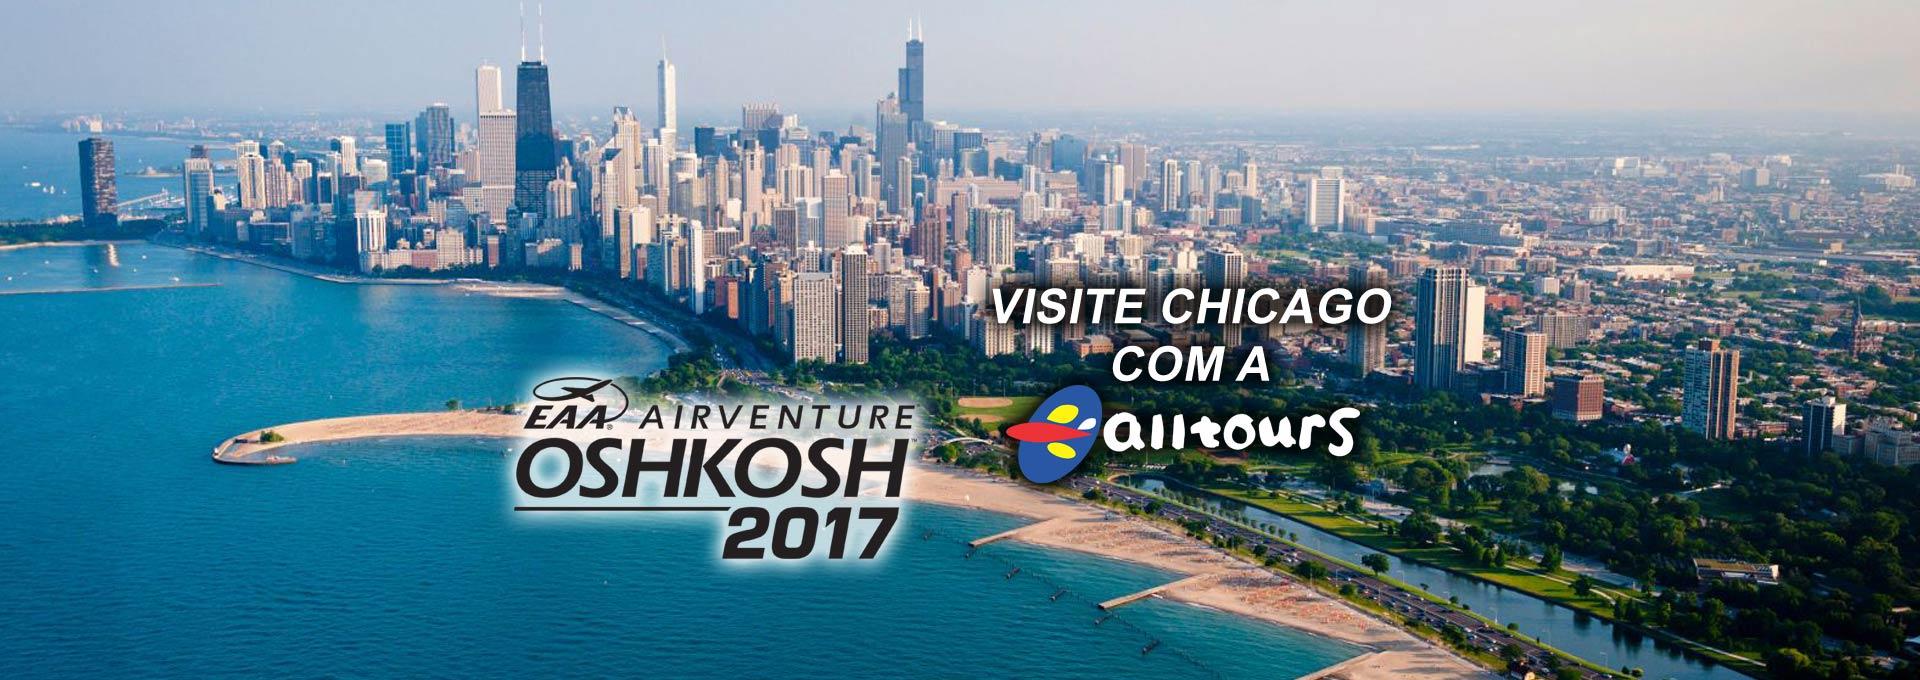 chicago alltours oshkosh 2017